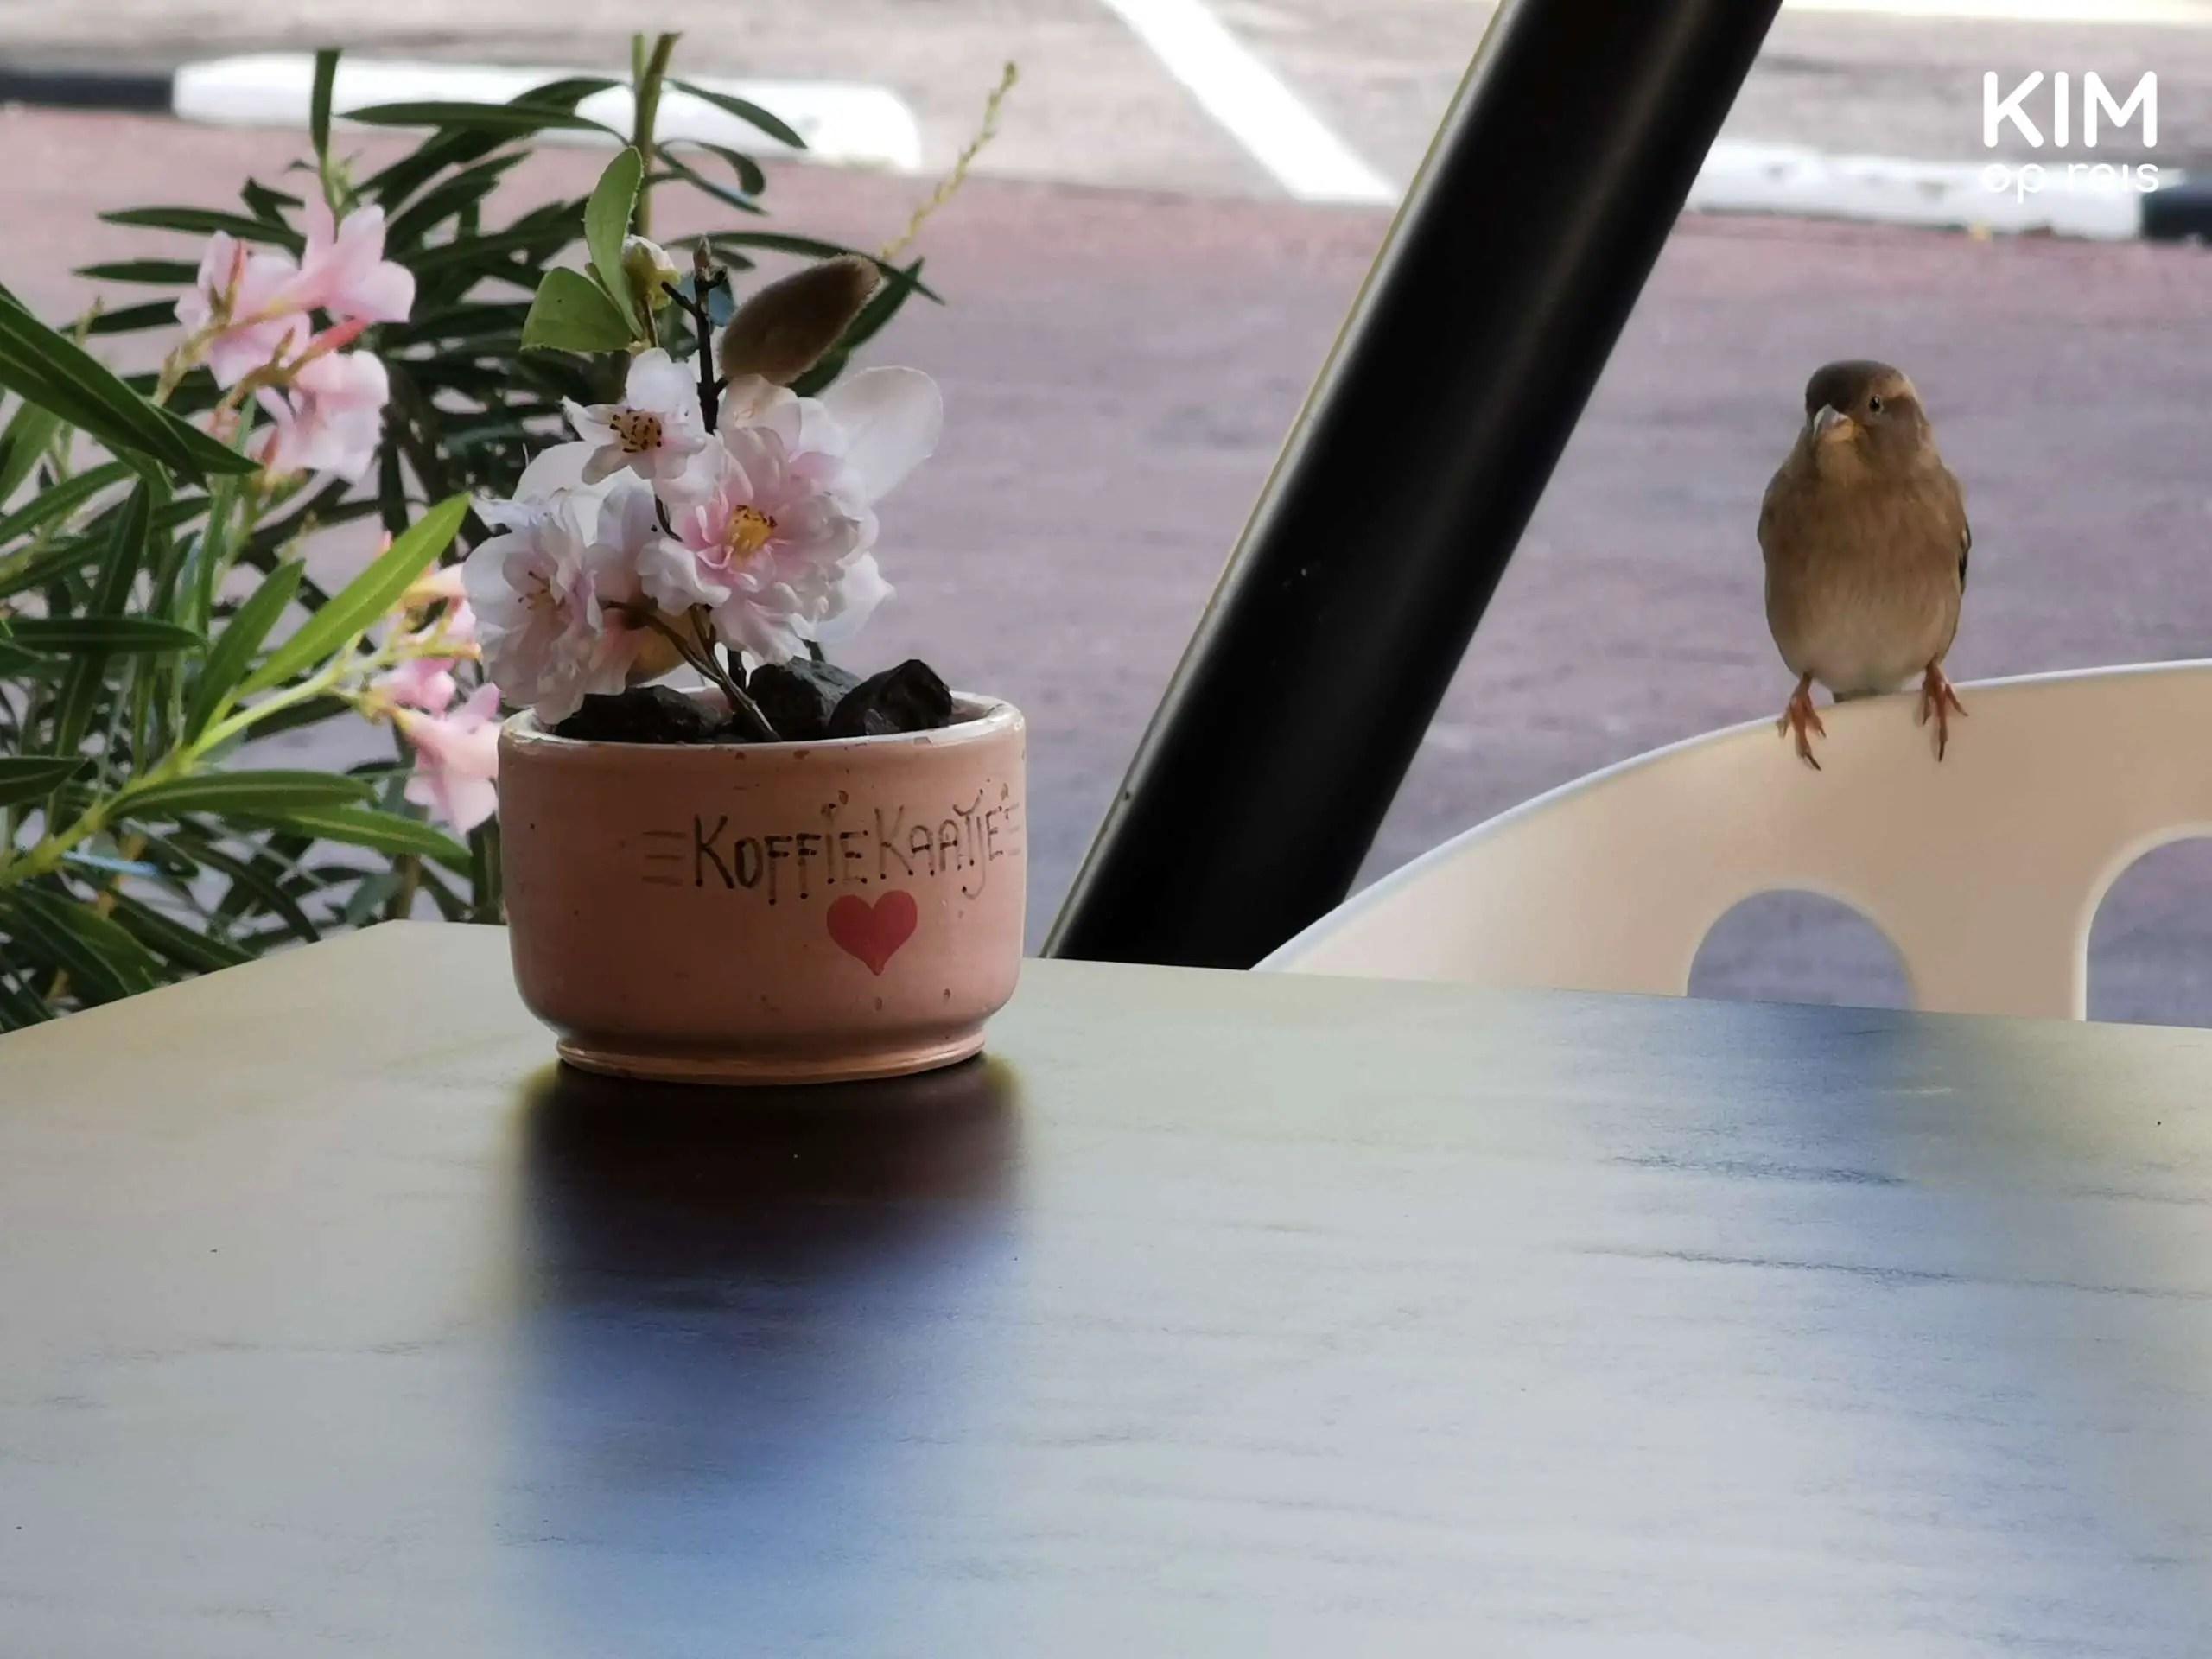 Koffie Kaatje Curaçao: klein plantje op een tafel met op het bloempotje 'Koffie Kaatje' en op de achtergrond een musje